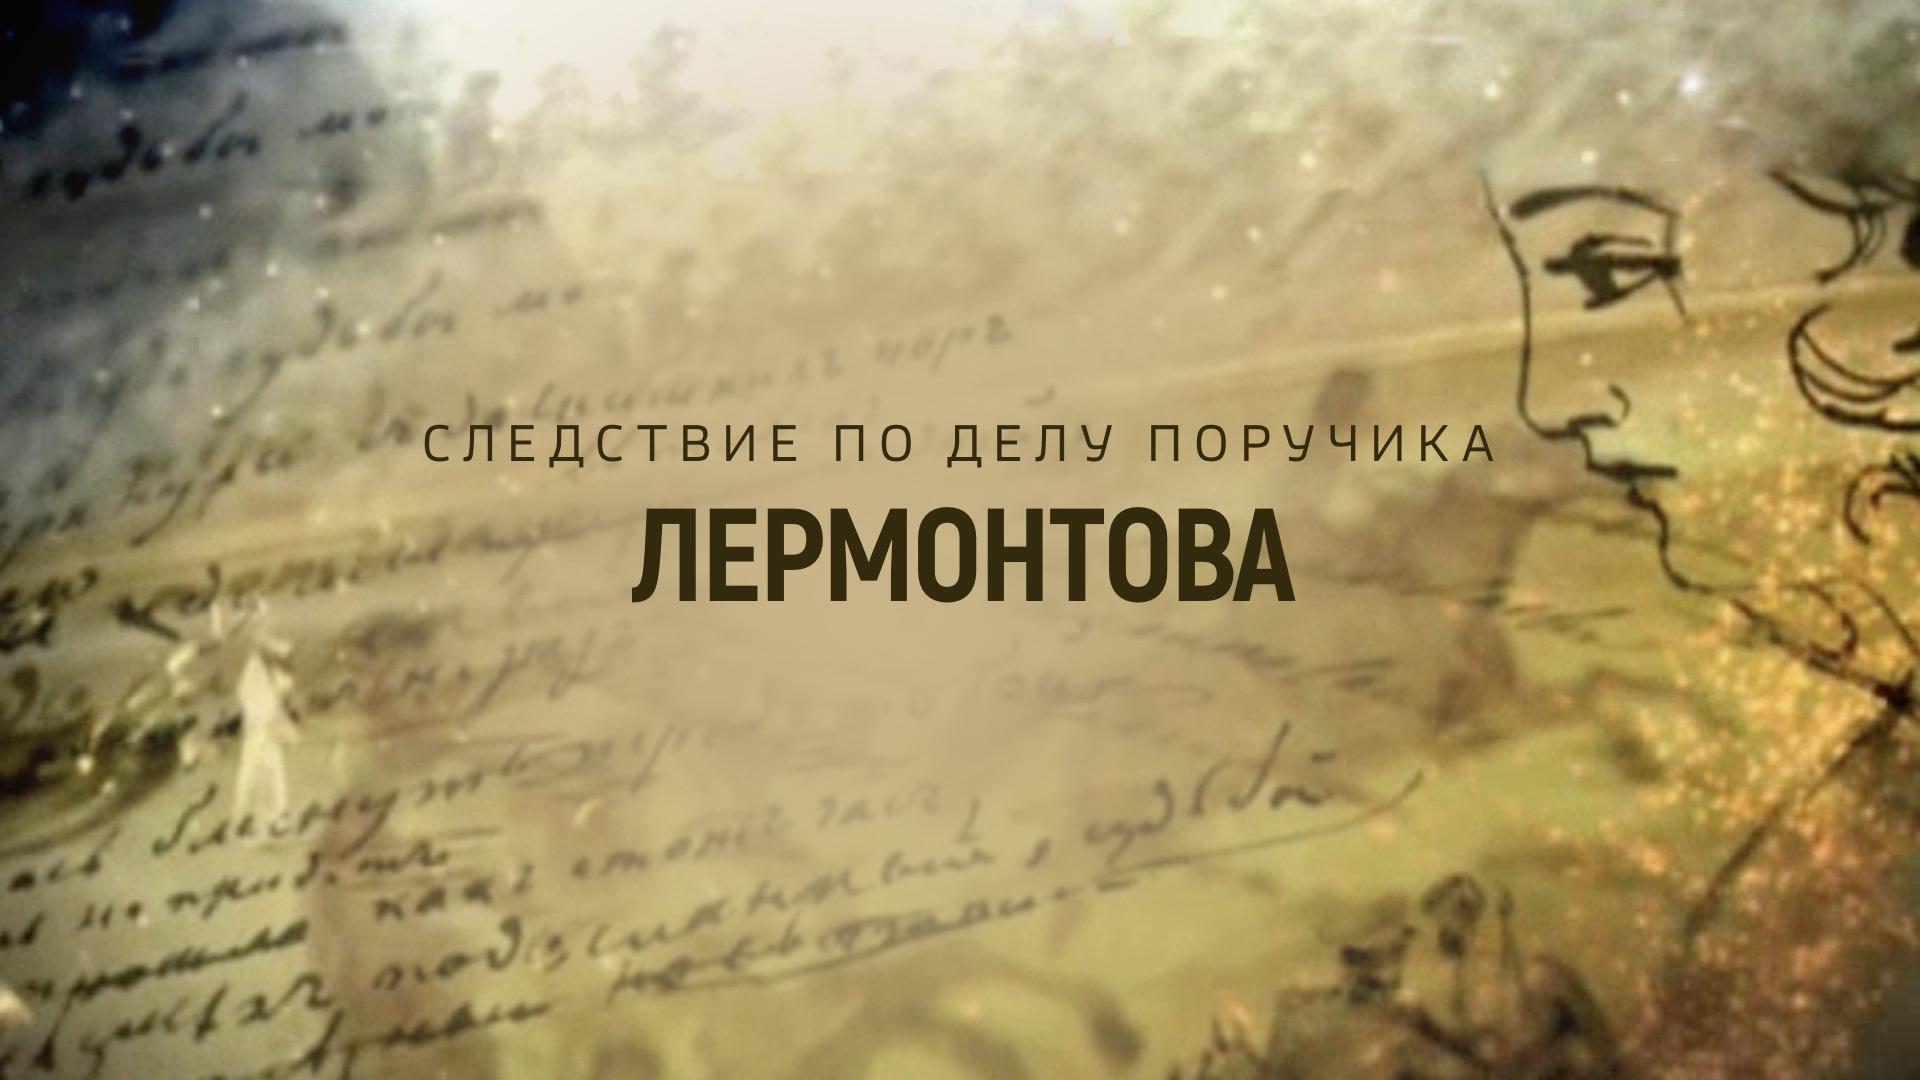 Следствие по делу поручика Лермонтова